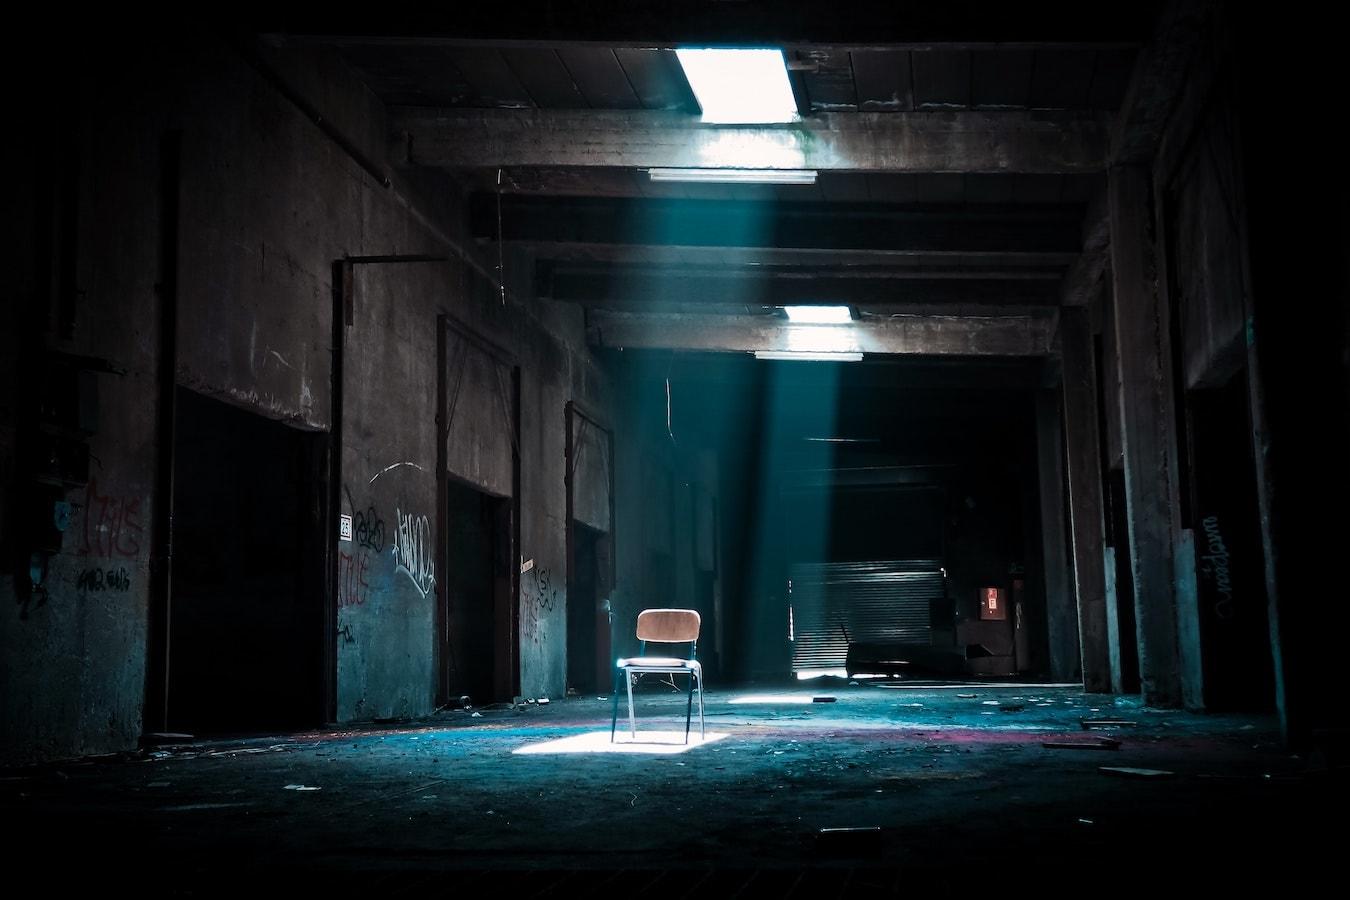 leerer Stuhl in einem dunklen Raum - Angst vor Ablehnung